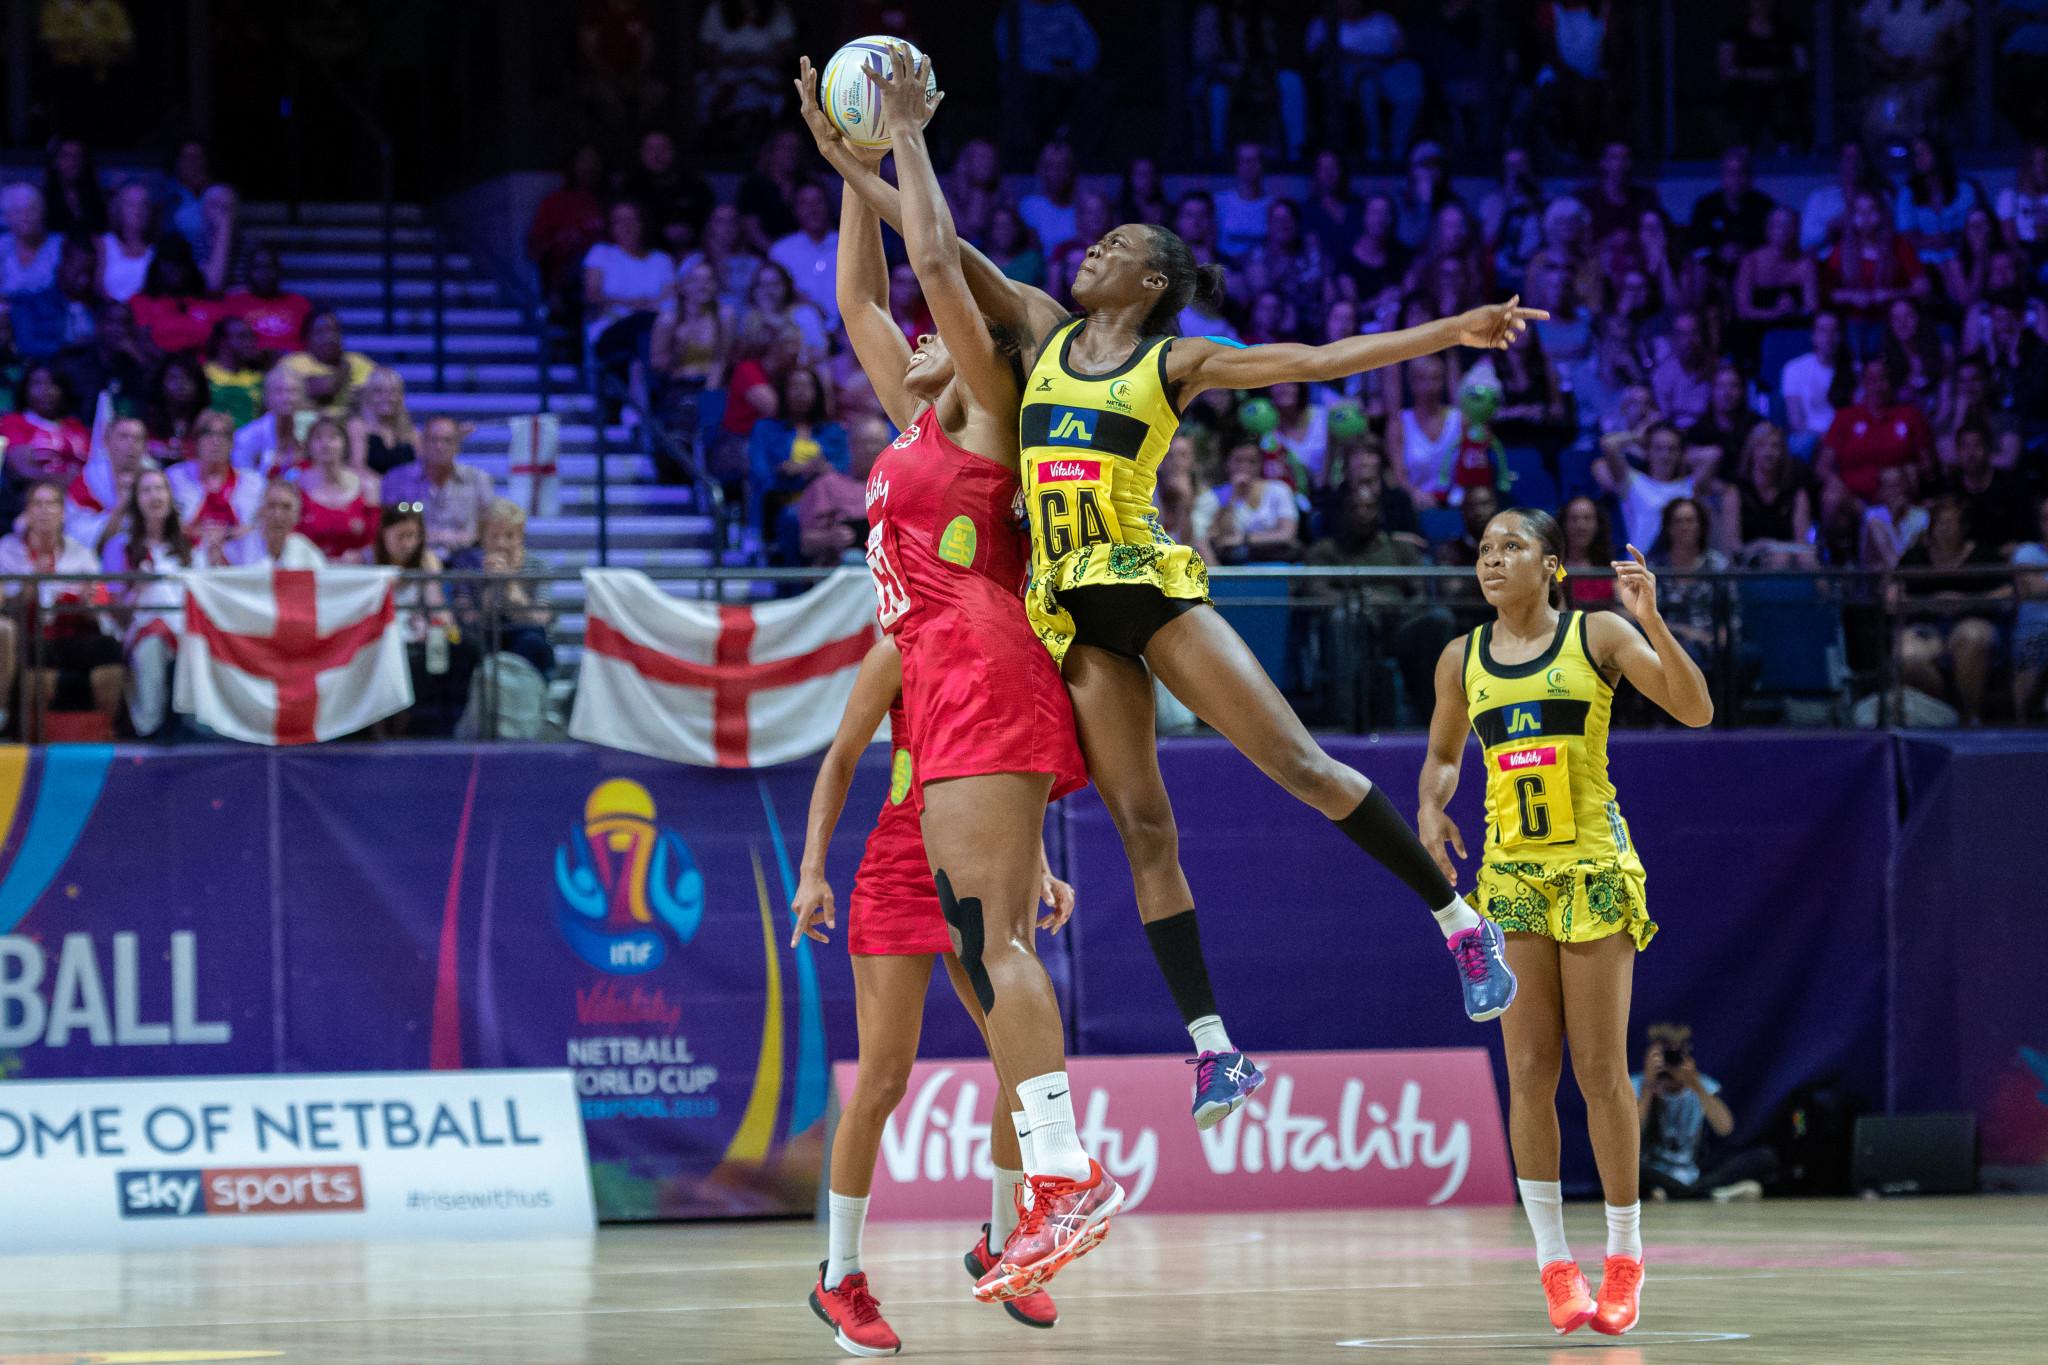 Jamaica climb to third in updated netball world rankings